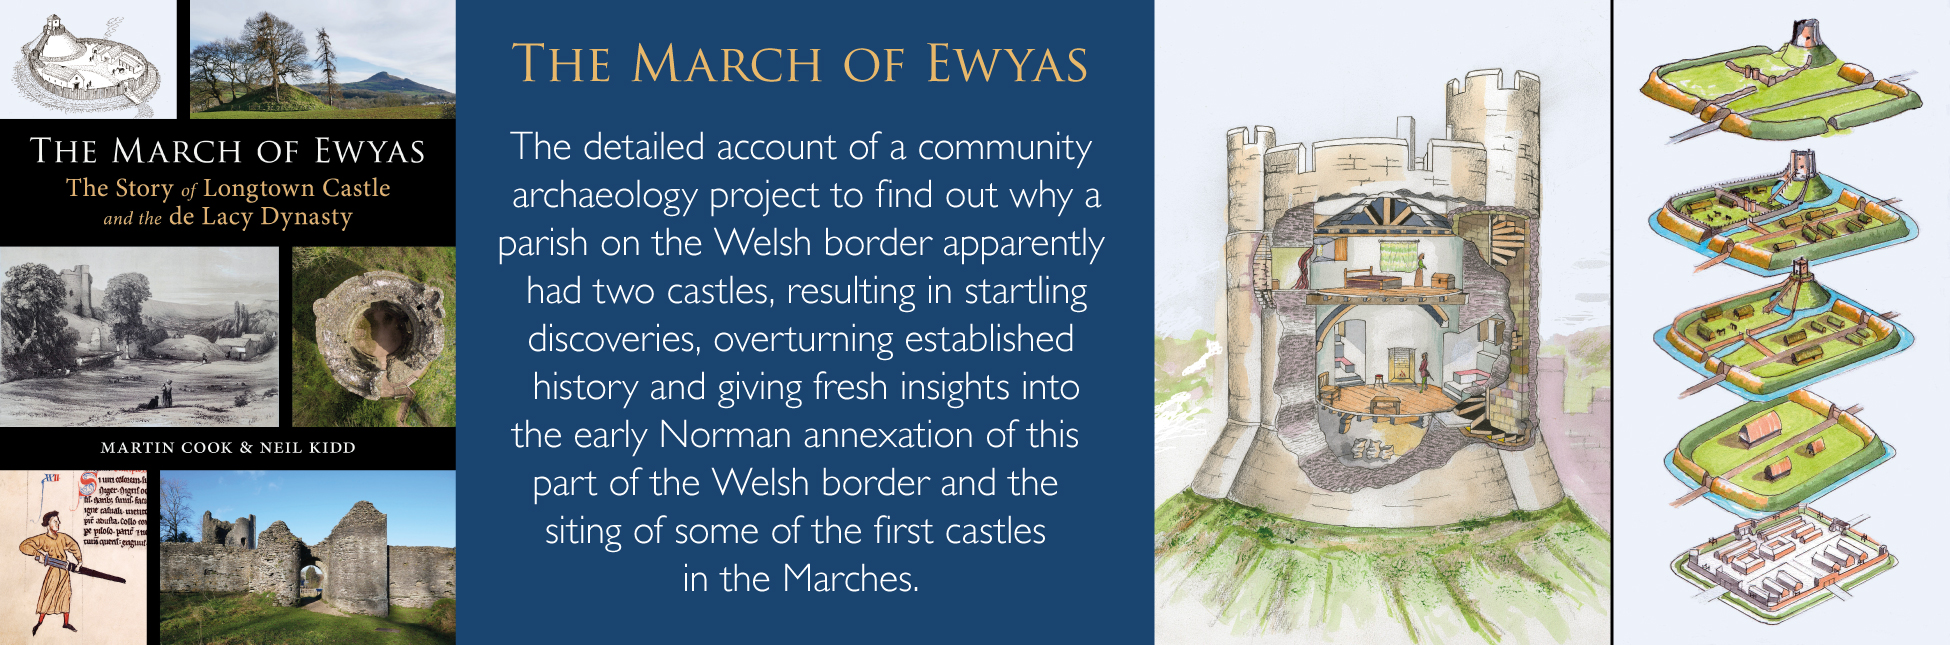 March of Ewyas banner